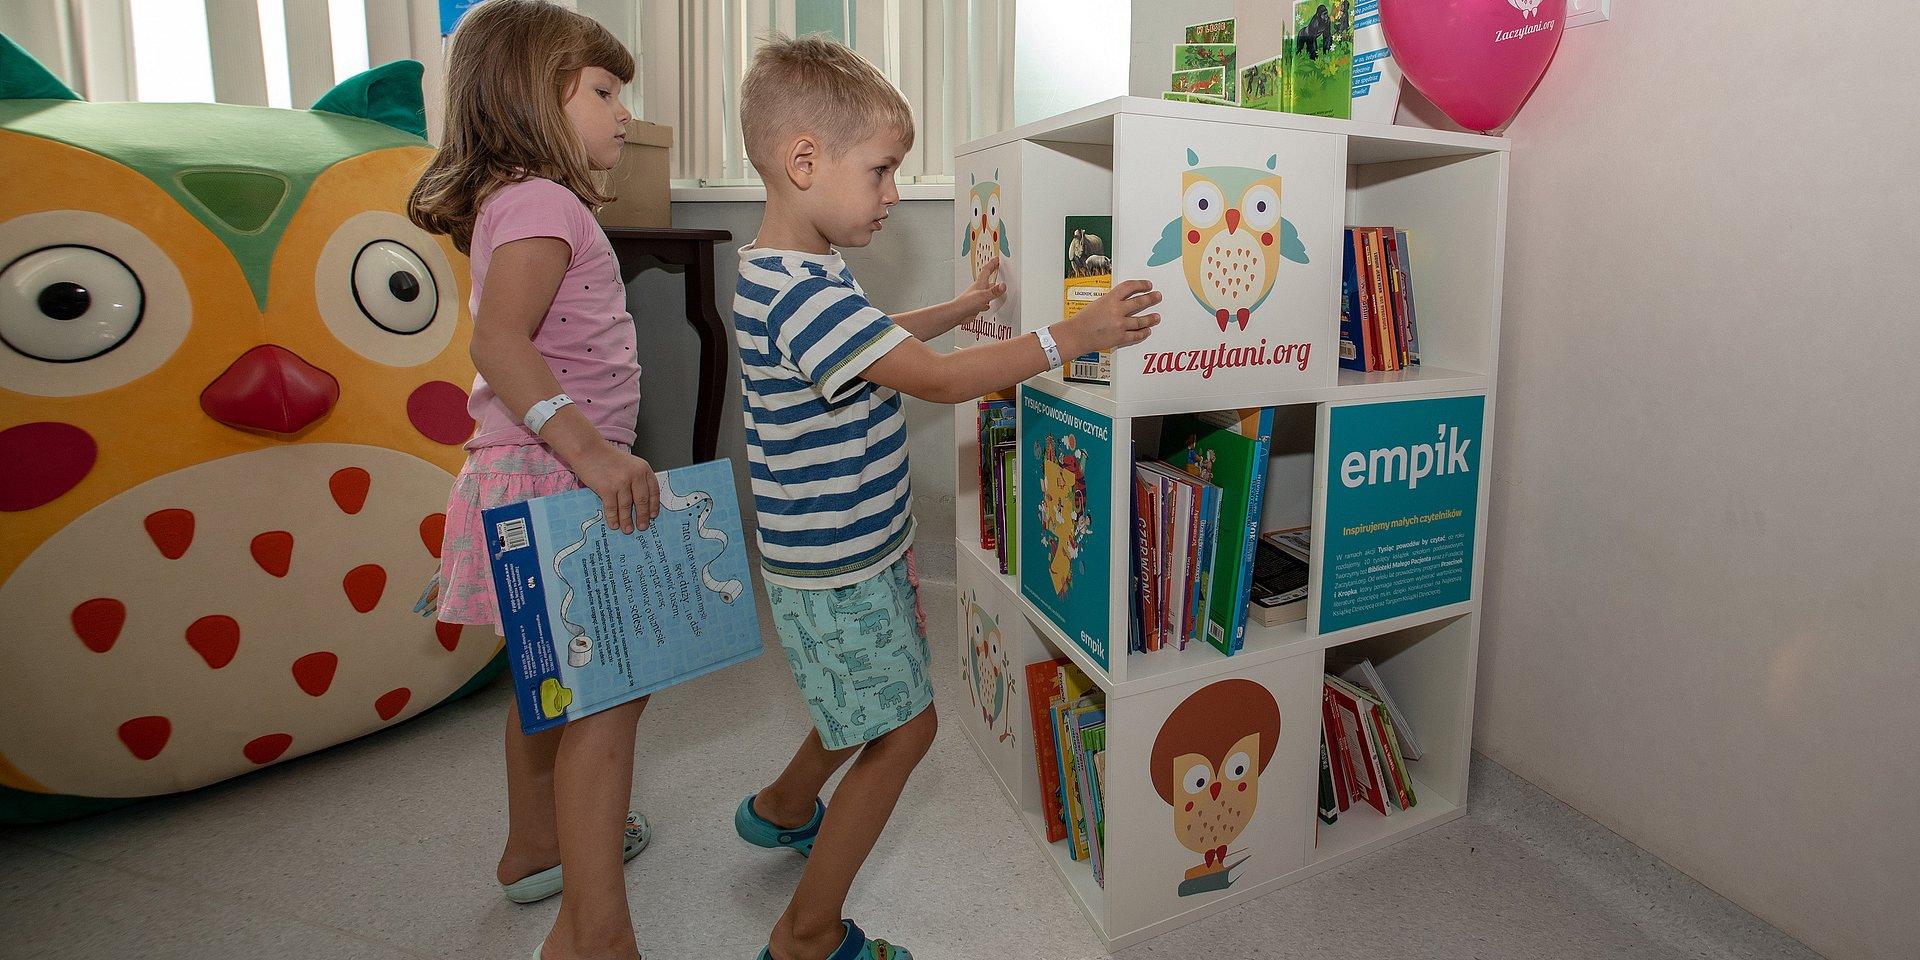 Otwarcie Biblioteki Małego Pacjenta w Łodzi. Sukces wspólnej akcji Fundacji Zaczytani.org oraz Empiku